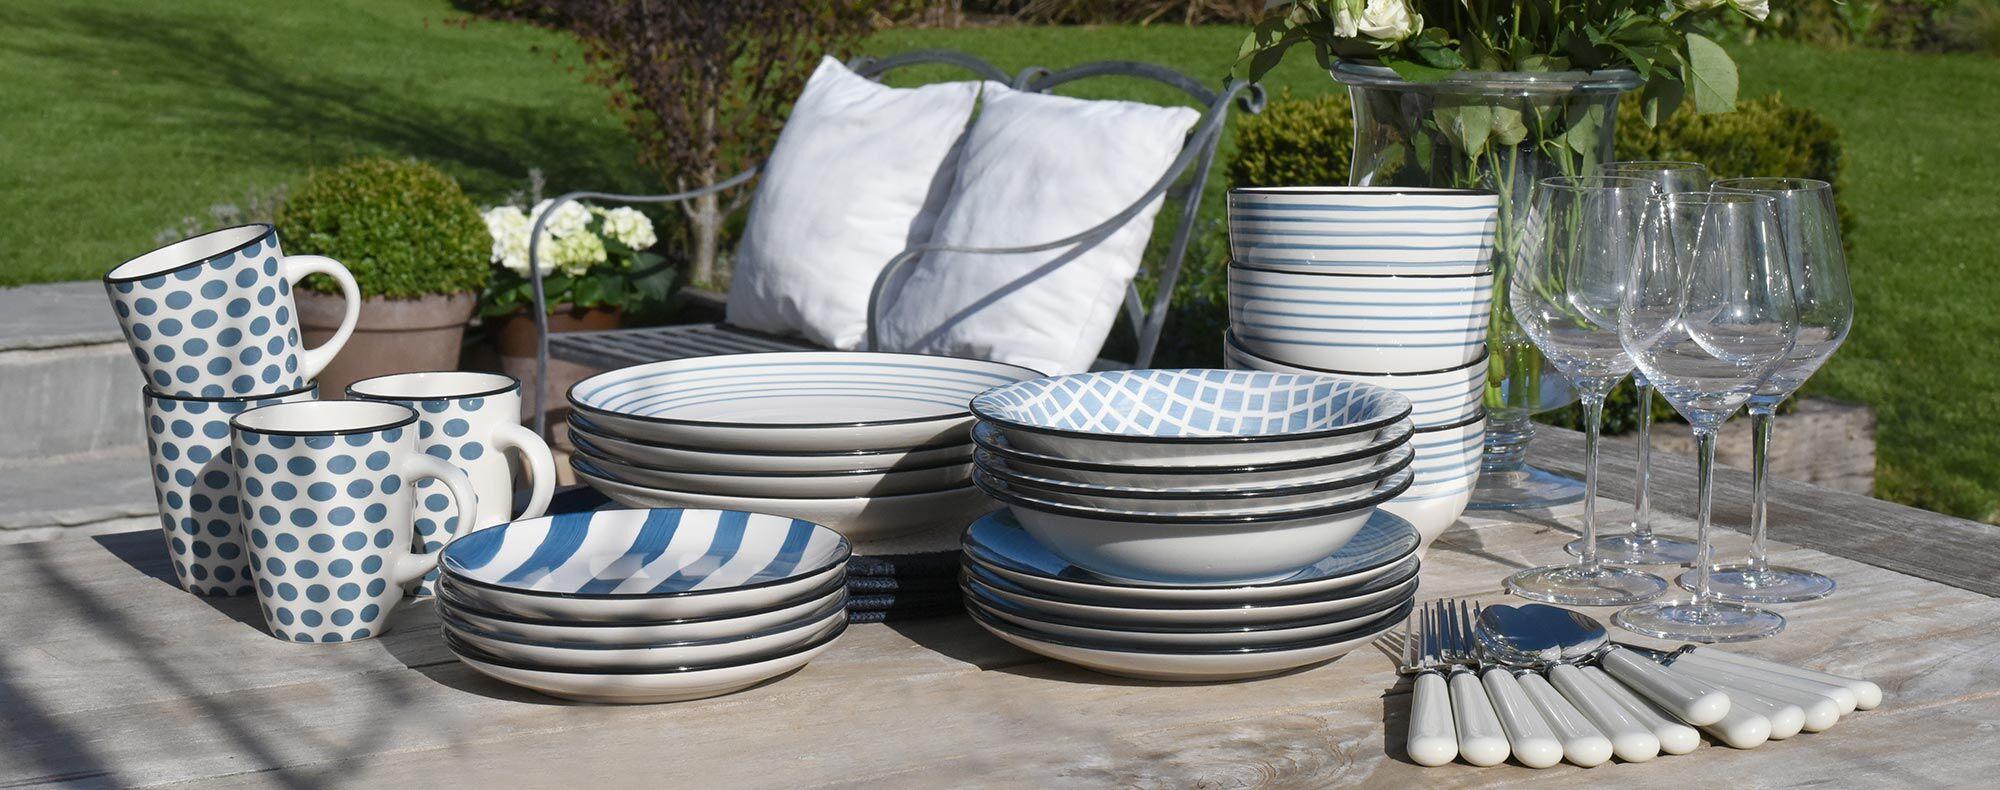 Dartmouth Stoneware Set